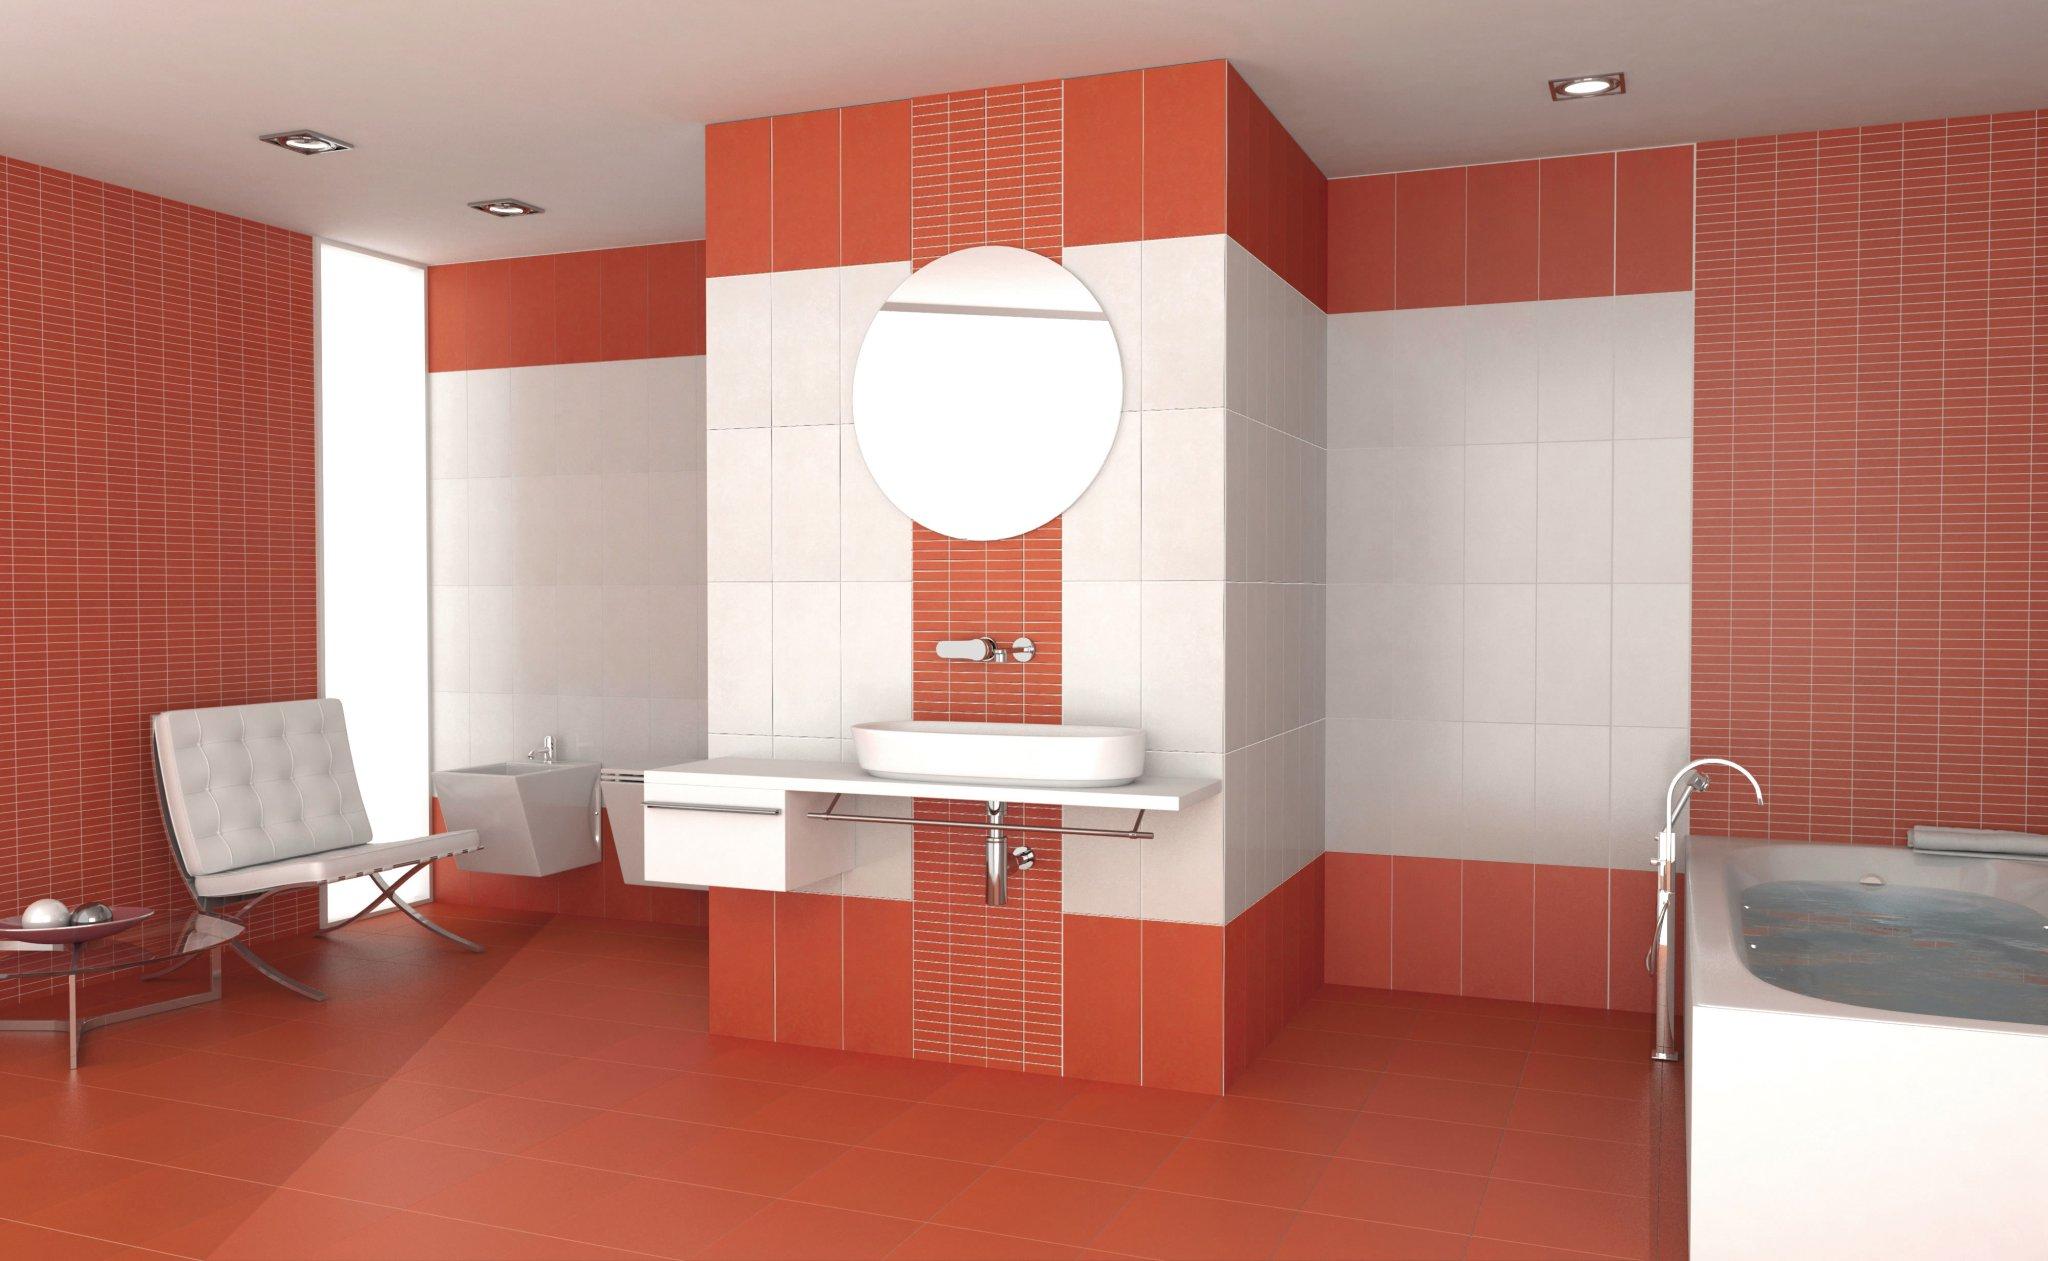 Feeling rivestimento bagno rosso moda ceramica - Rivestimento bagno grigio ...